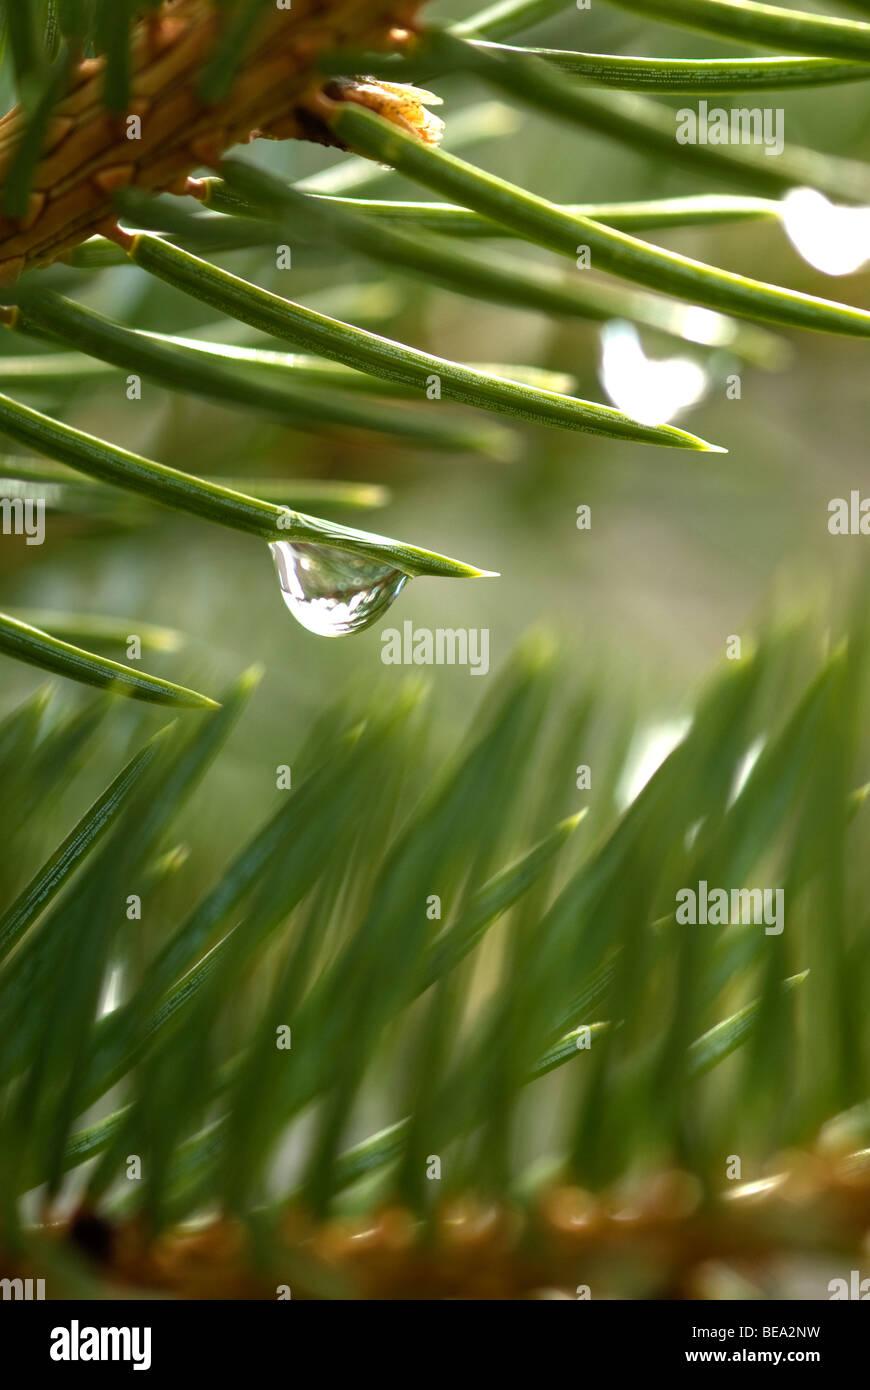 Nahaufnahme von Tropfen reinen Wassers auf Baum Kiefernnadel Stockbild